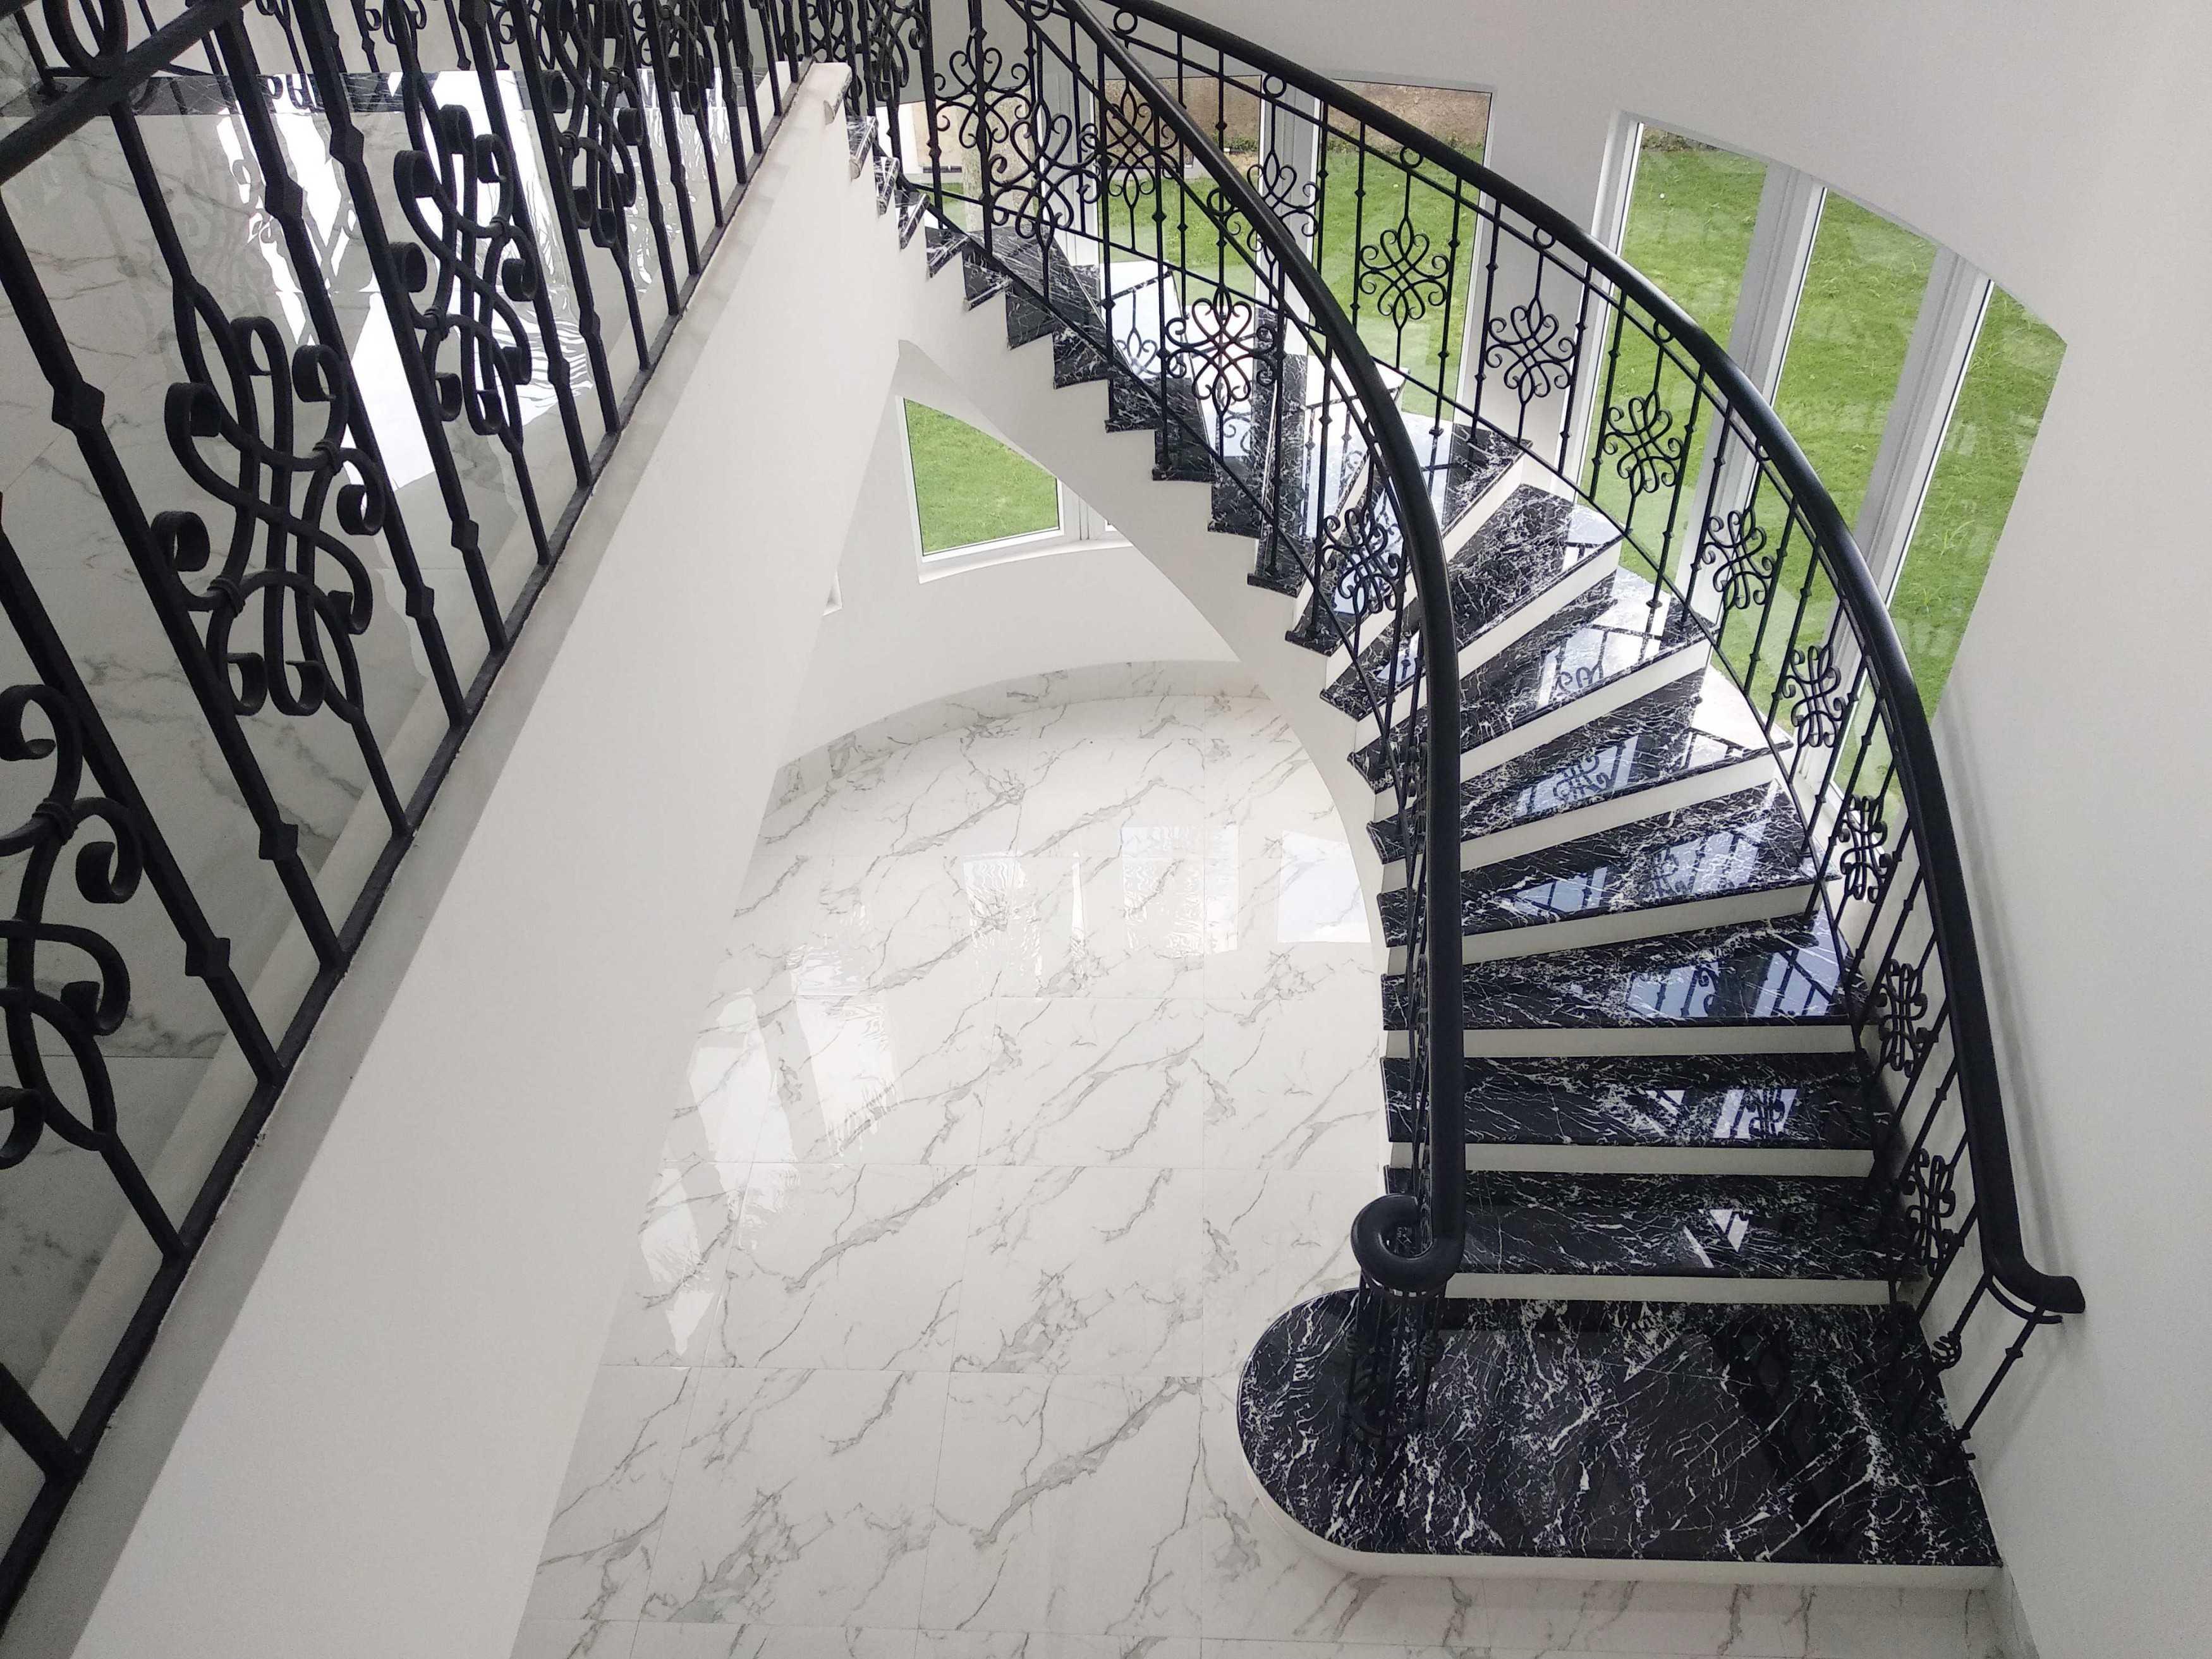 Arkitekt.id Setraduta Kencana Bandung Bandung Sk House - Stairs Classic <P>Tangga Melingkar Diberi Sentuhan Material Marmer Baru Yang Kontras Dengan Lantainya. Jendela Melengkung Di Area Tangga Ini Juga Diganti Menggunakan Kusen Upvc Yang Dibagi Per Segmen.</p> 69583